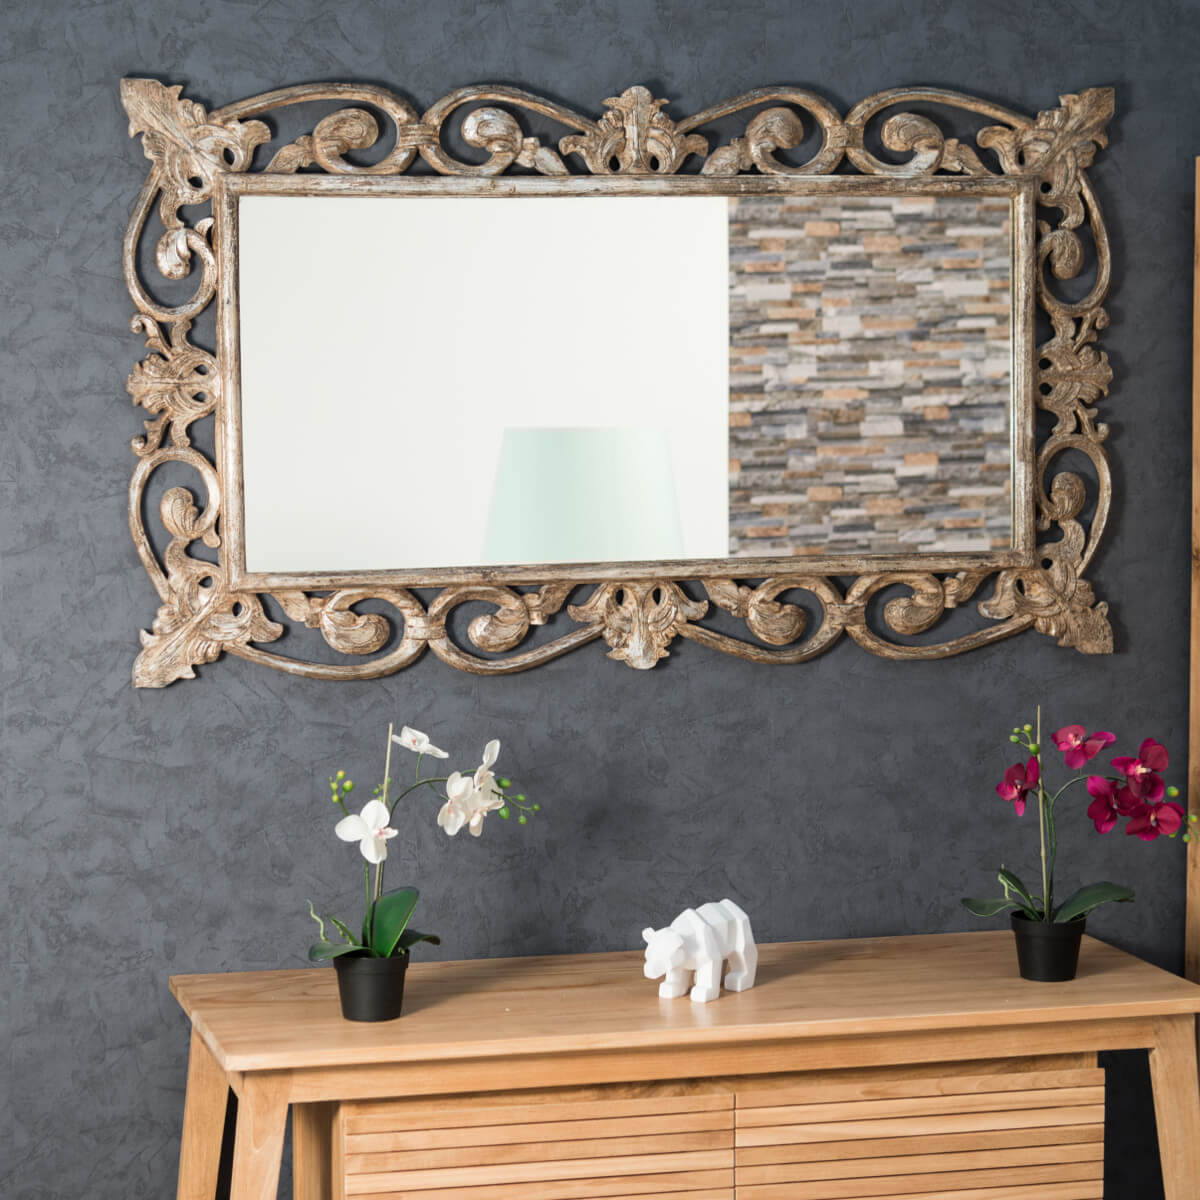 miroir cordoue en bois patin bronze 140x80. Black Bedroom Furniture Sets. Home Design Ideas